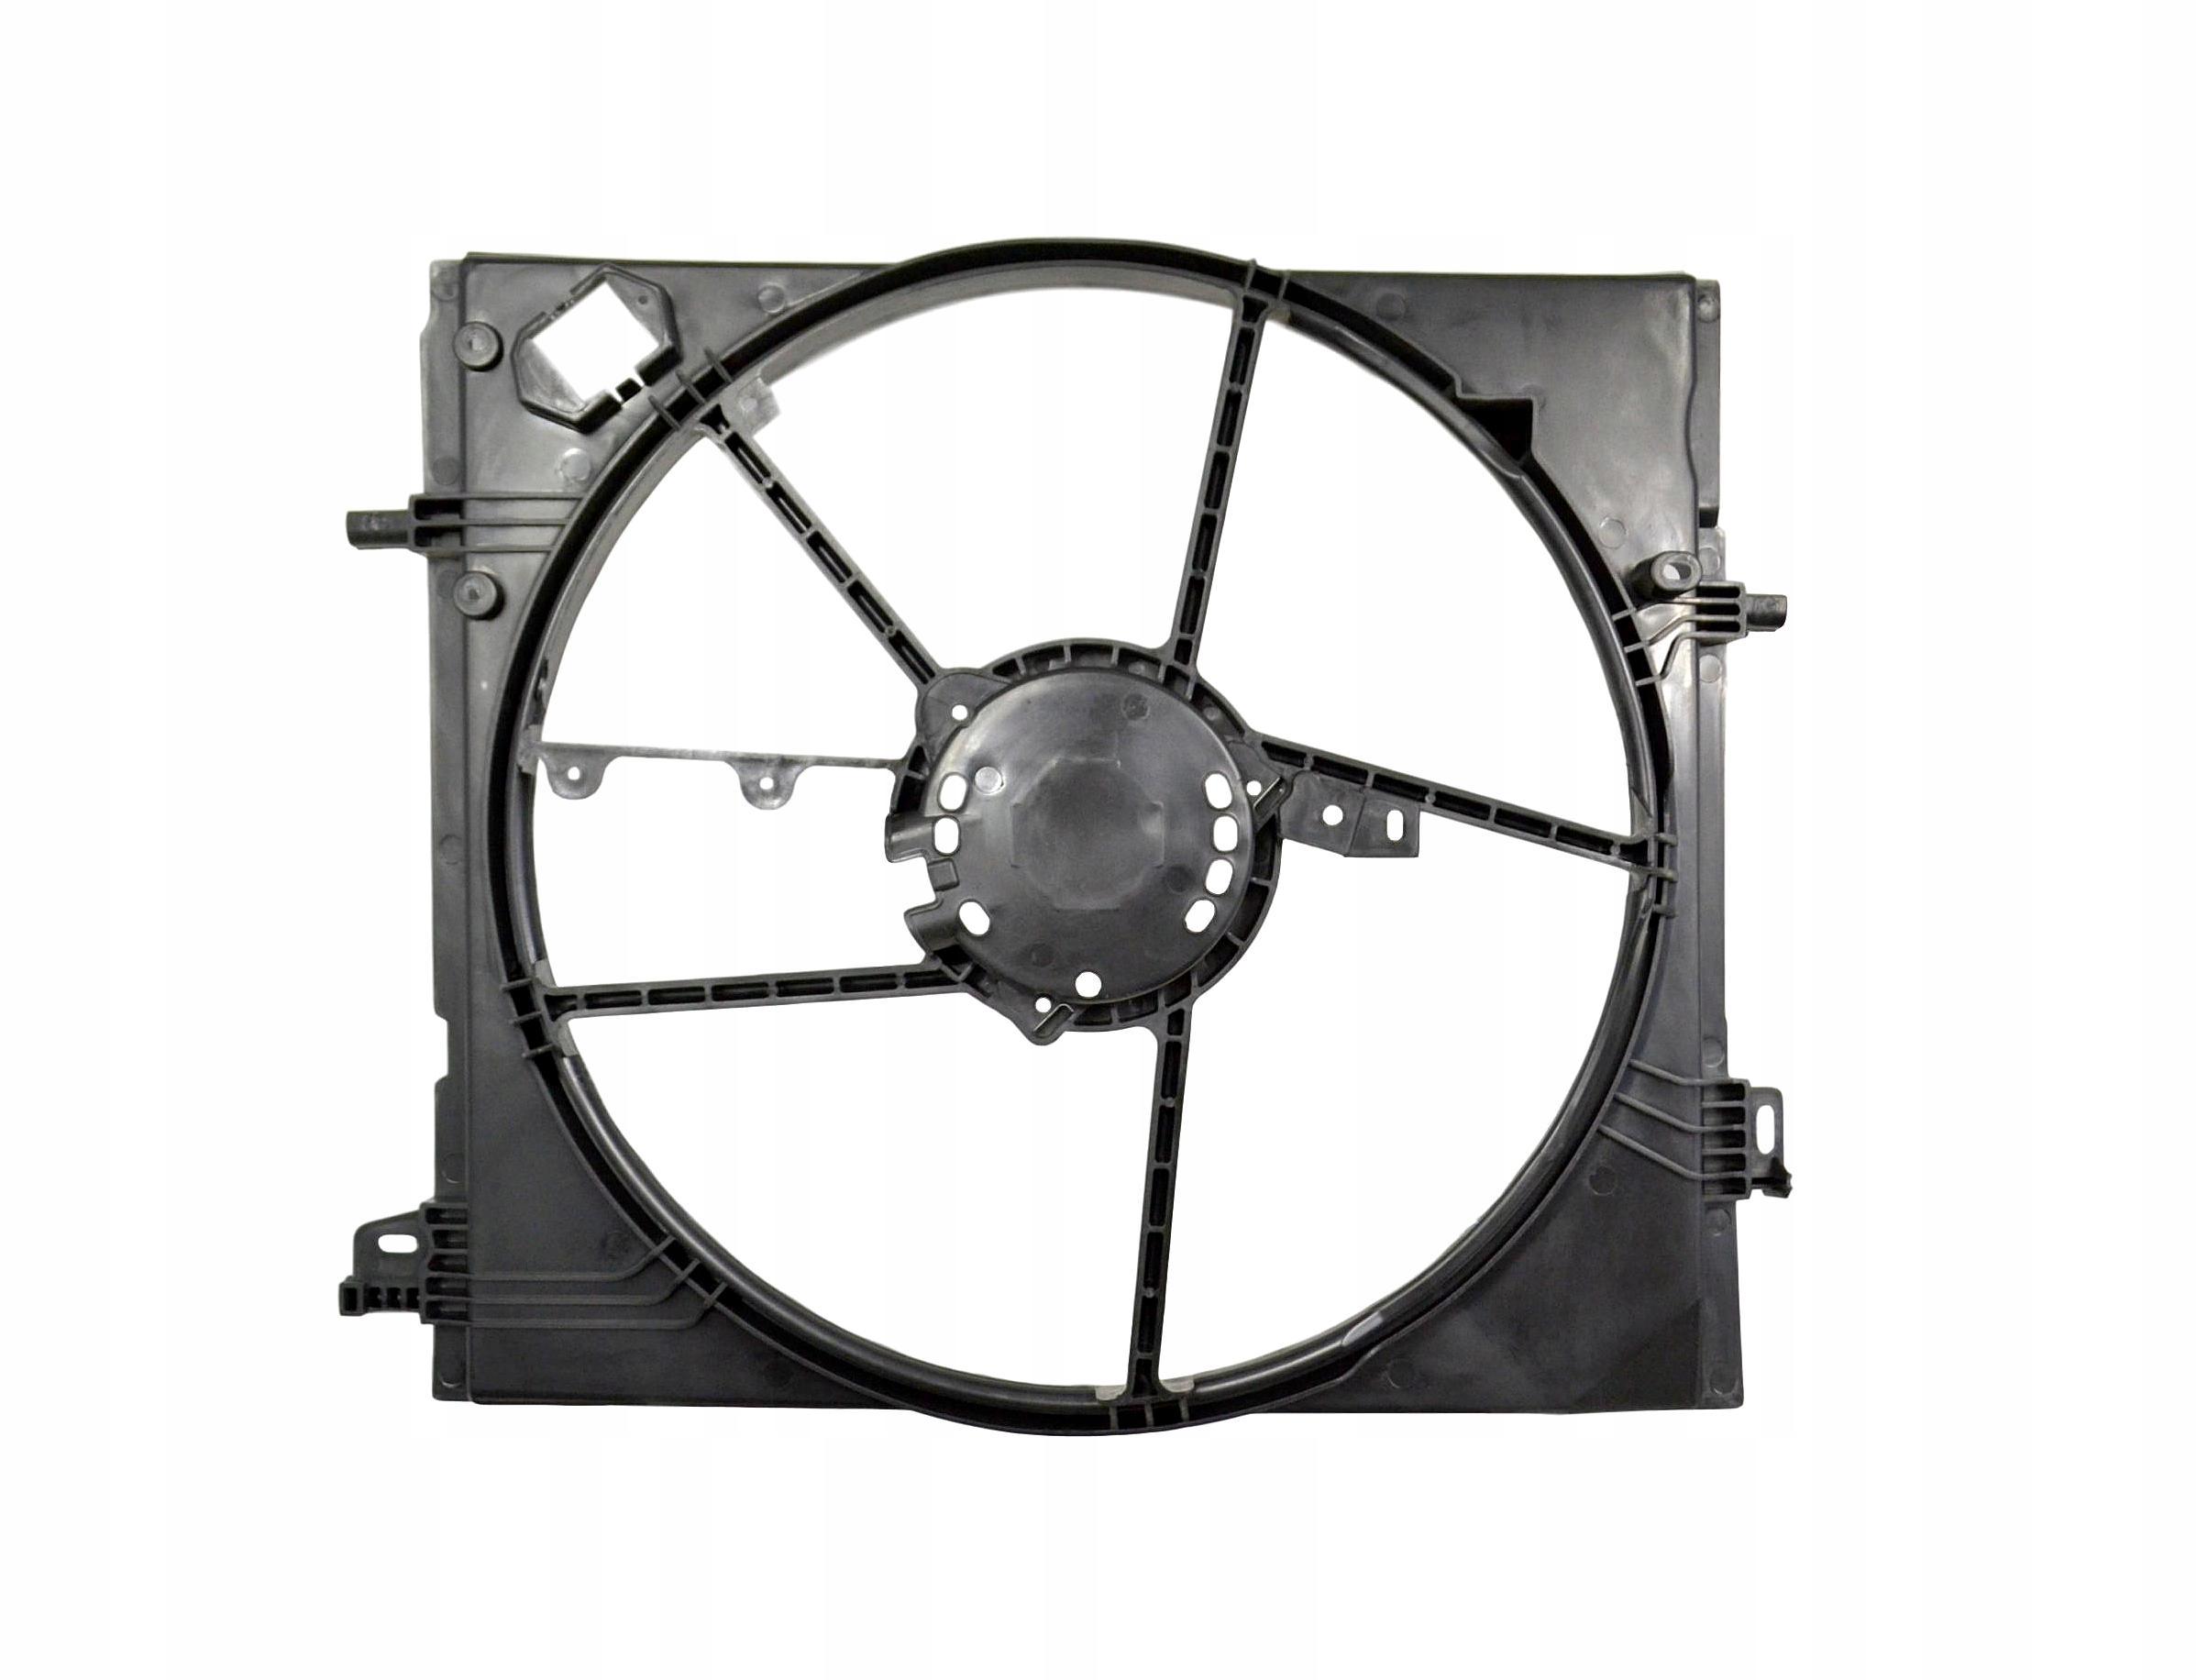 новая корпус вентилятор renault kadjar 13 14 15-